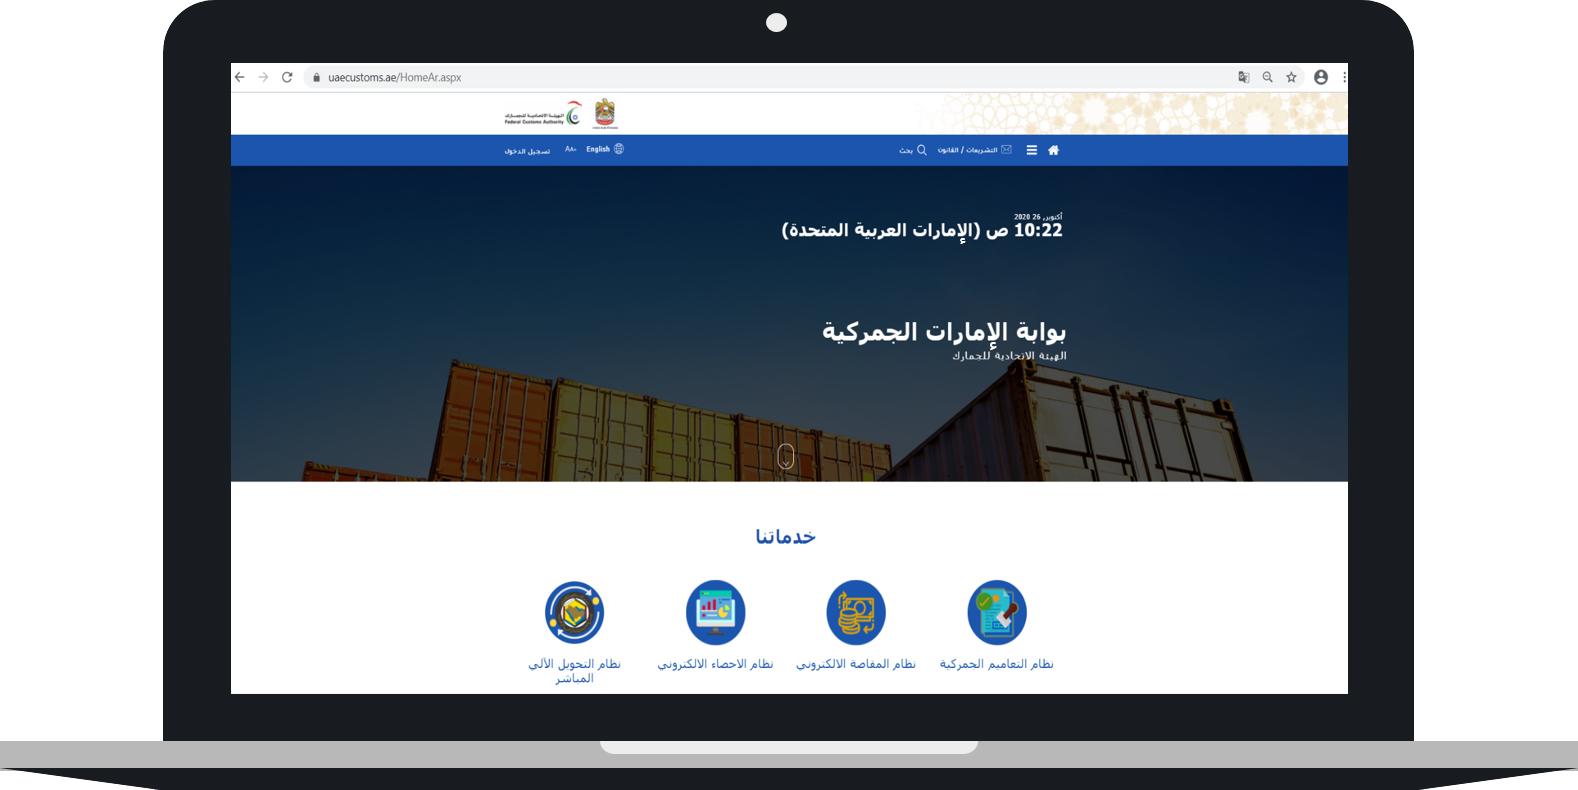 """""""الاتحادية للجمارك"""" تطلق بوابة الإمارات الجمركية رسمياً"""